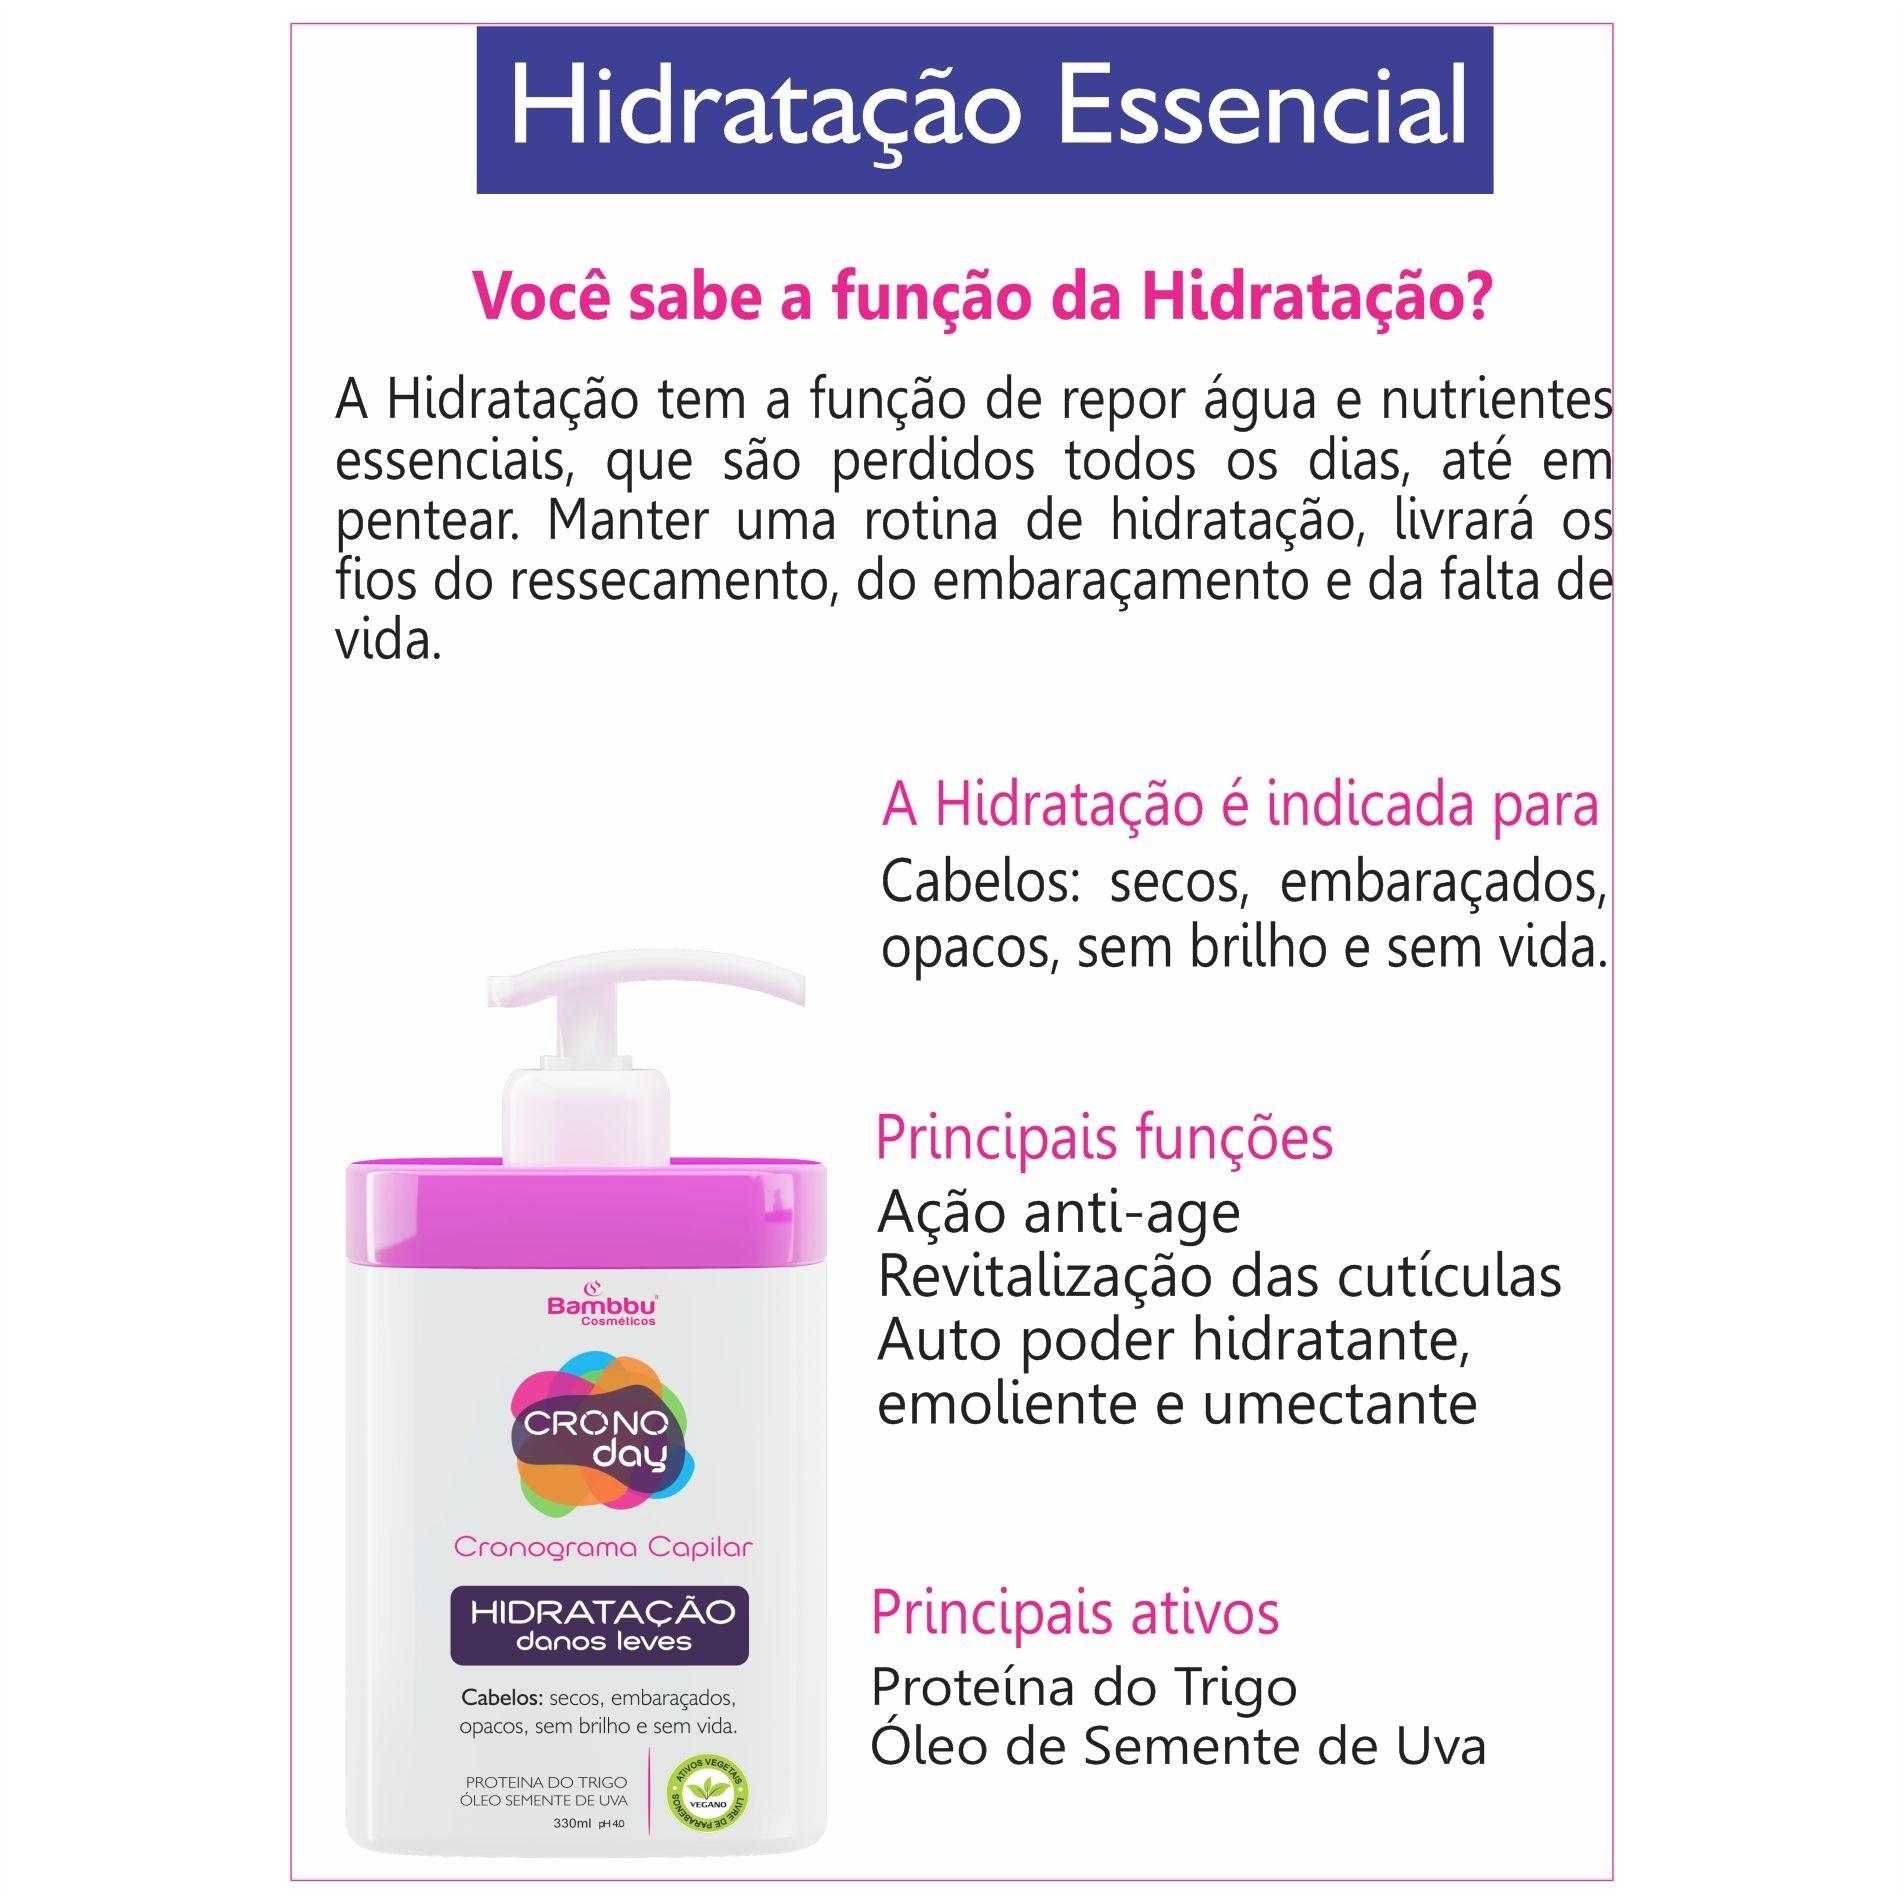 Tratamento Intensivo para Cabelos Quebradiços, Elásticos, Ressecados, Opacos - Kit Cronograma Capilar (3 passos)